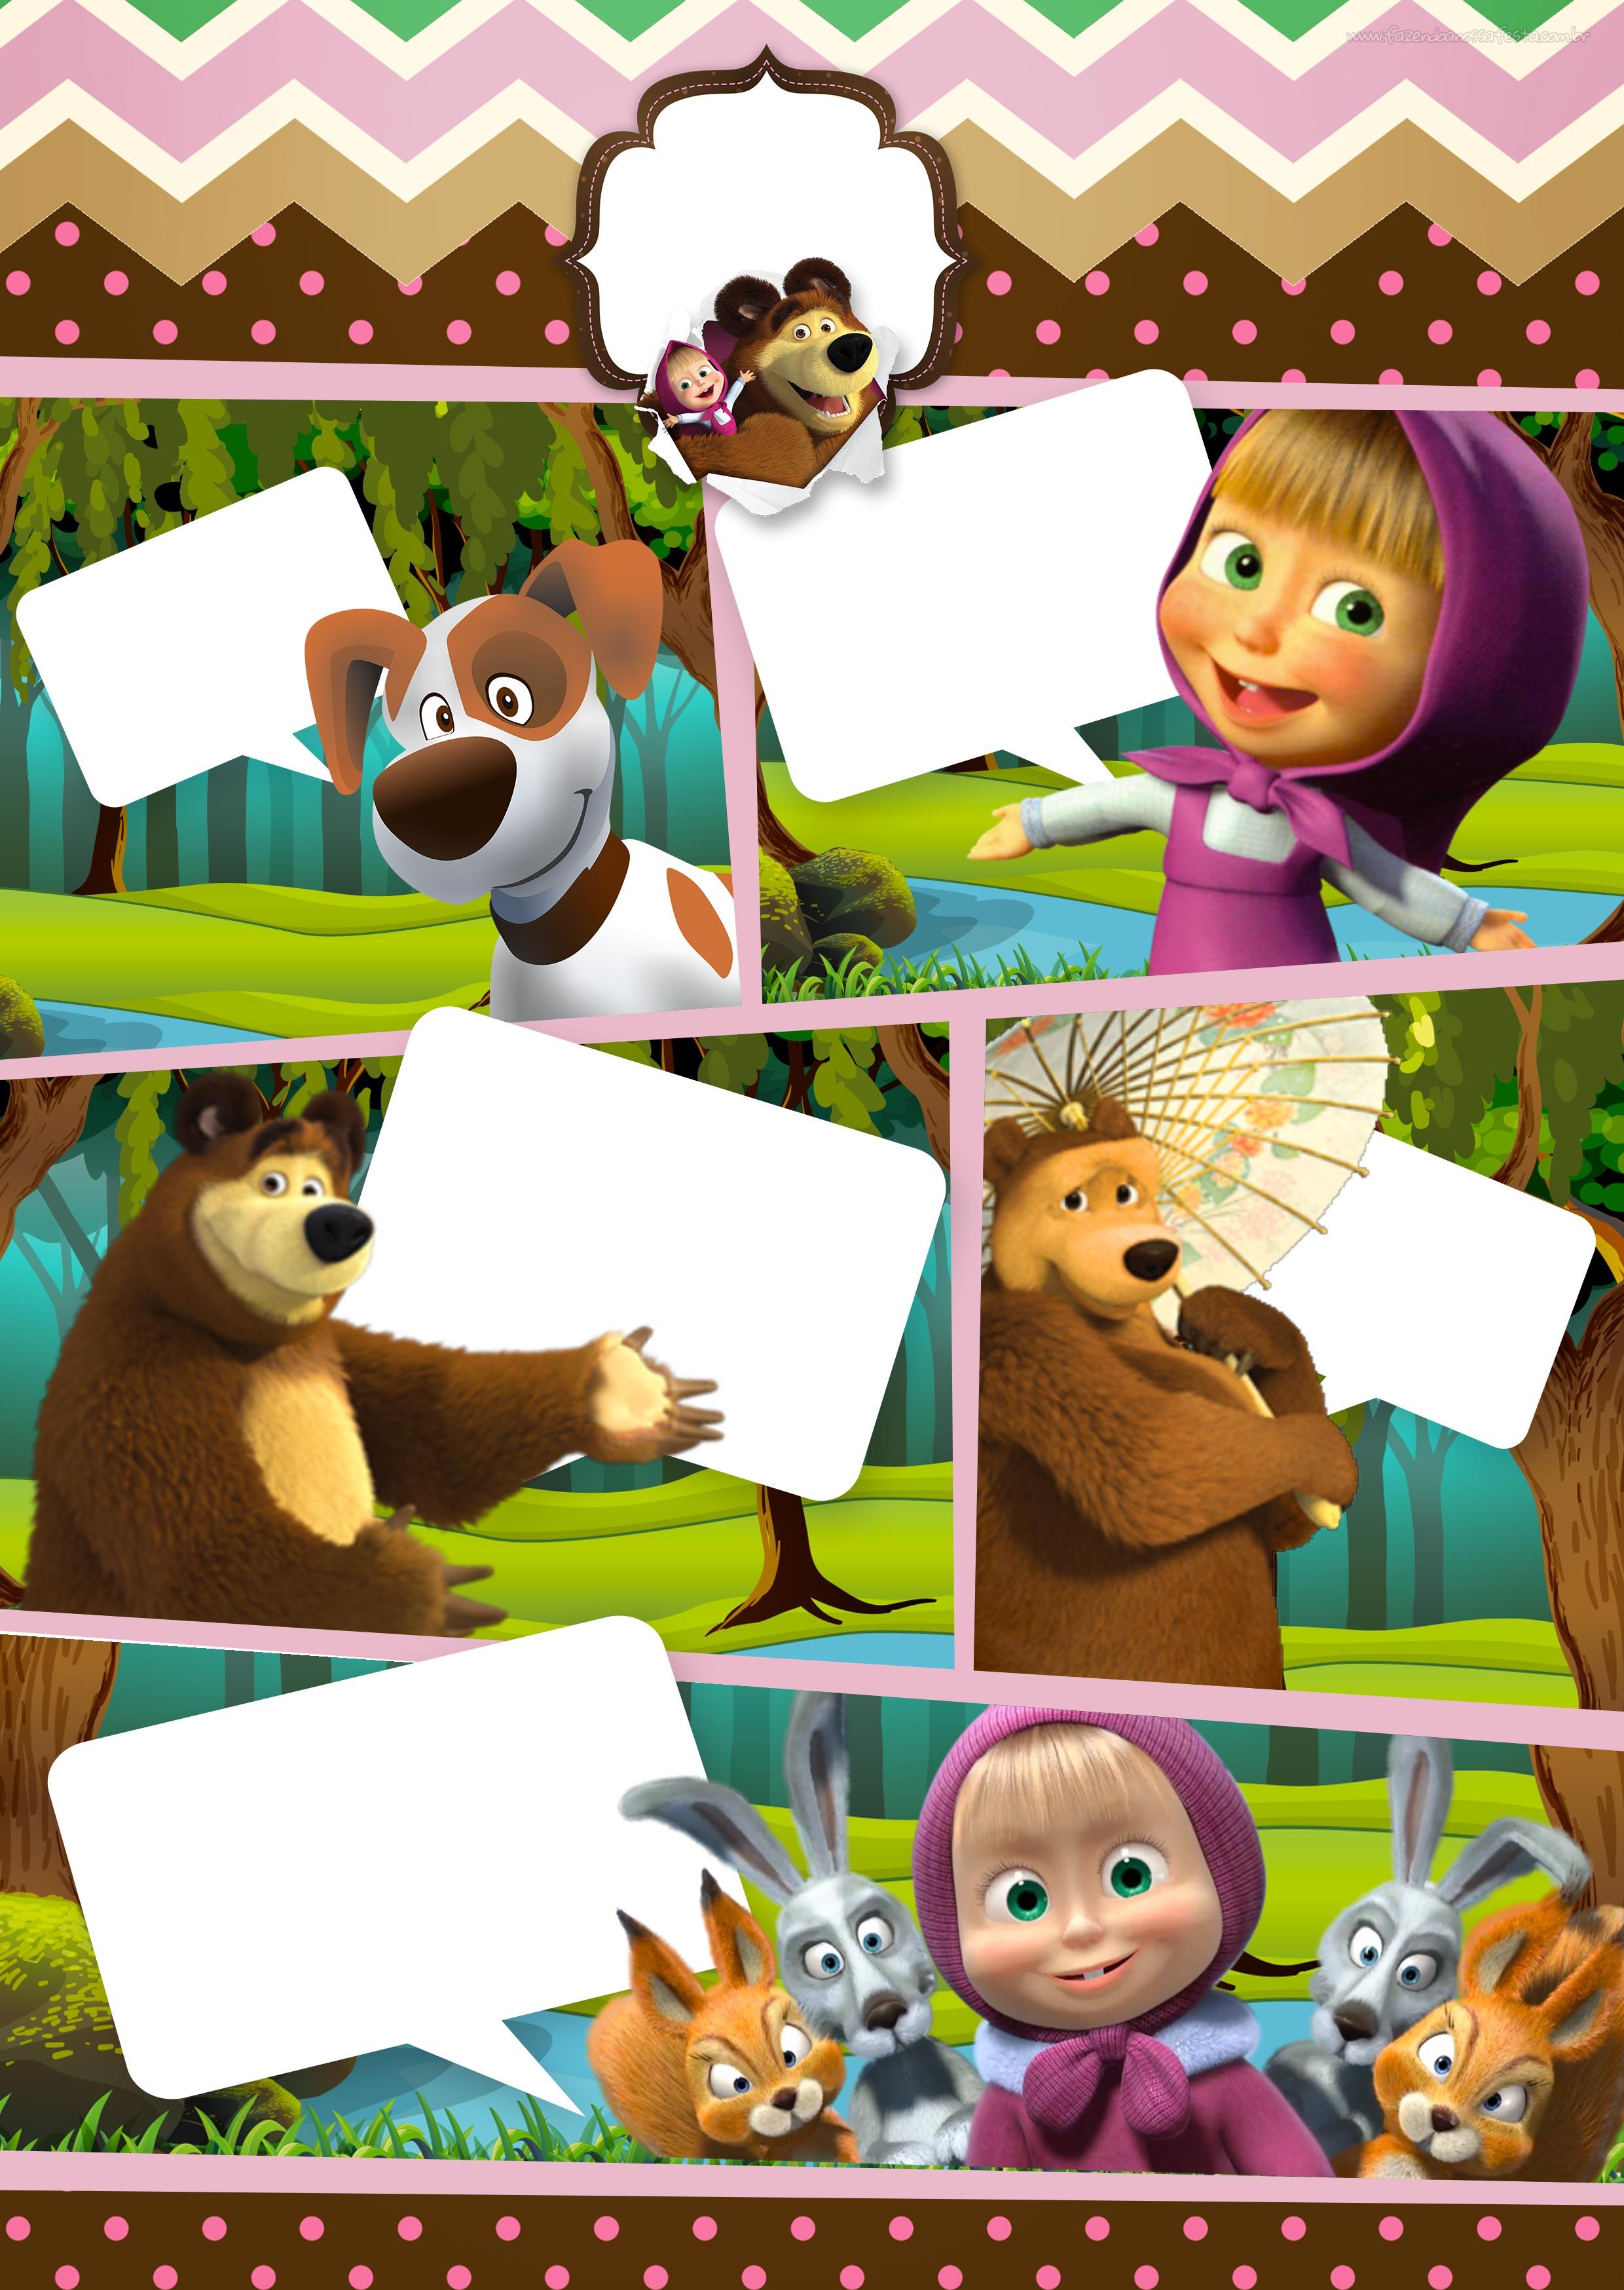 Convite masha eo urso clipart graphic free library Convite Gibi Festa Masha e o Urso 6 - Fazendo a Nossa Festa graphic free library